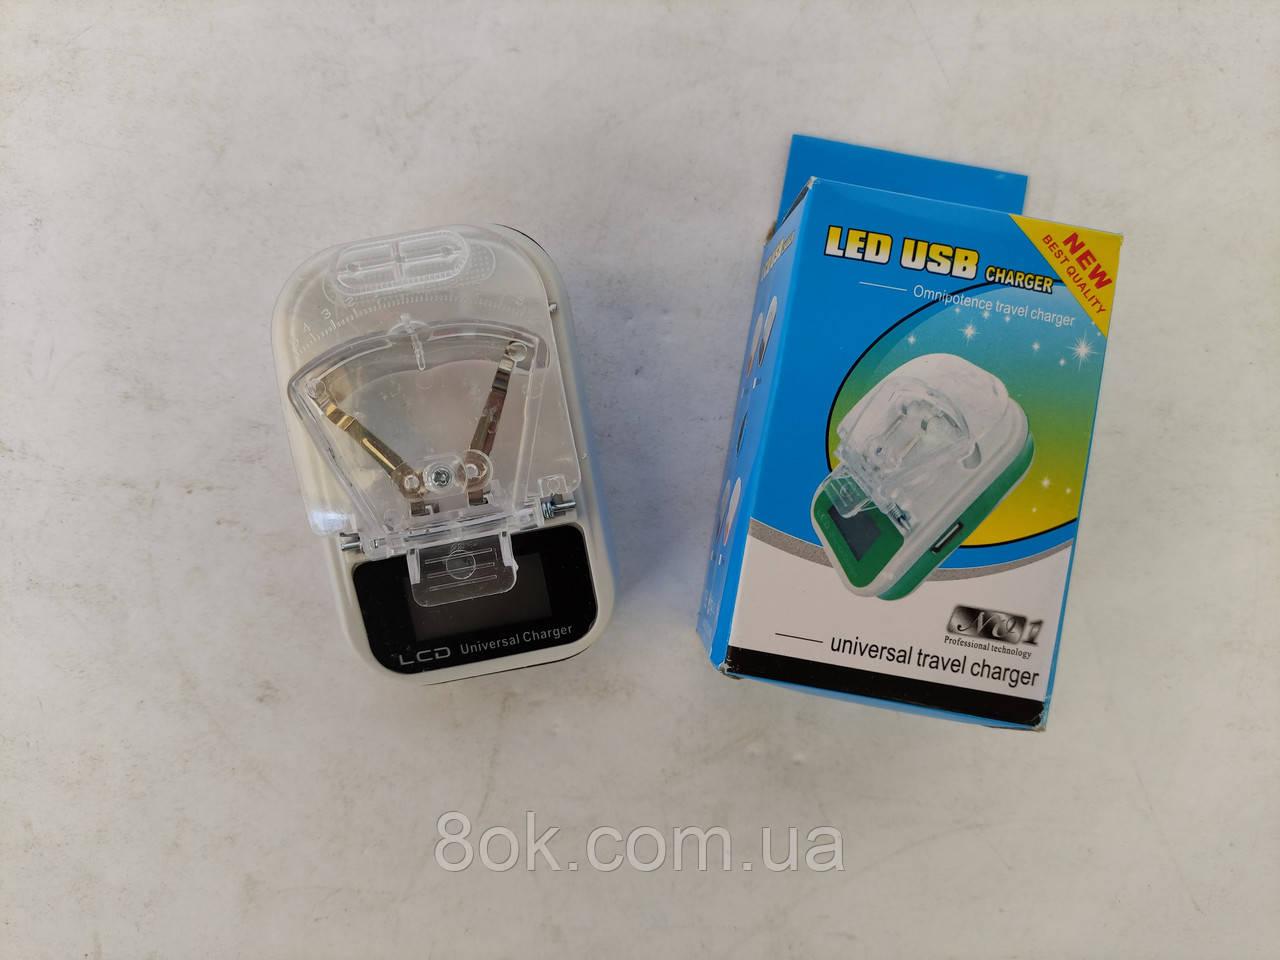 Универсальное зарядное Жабка  LCD дисплеем и USB для зарядки съемных аккумуляторов